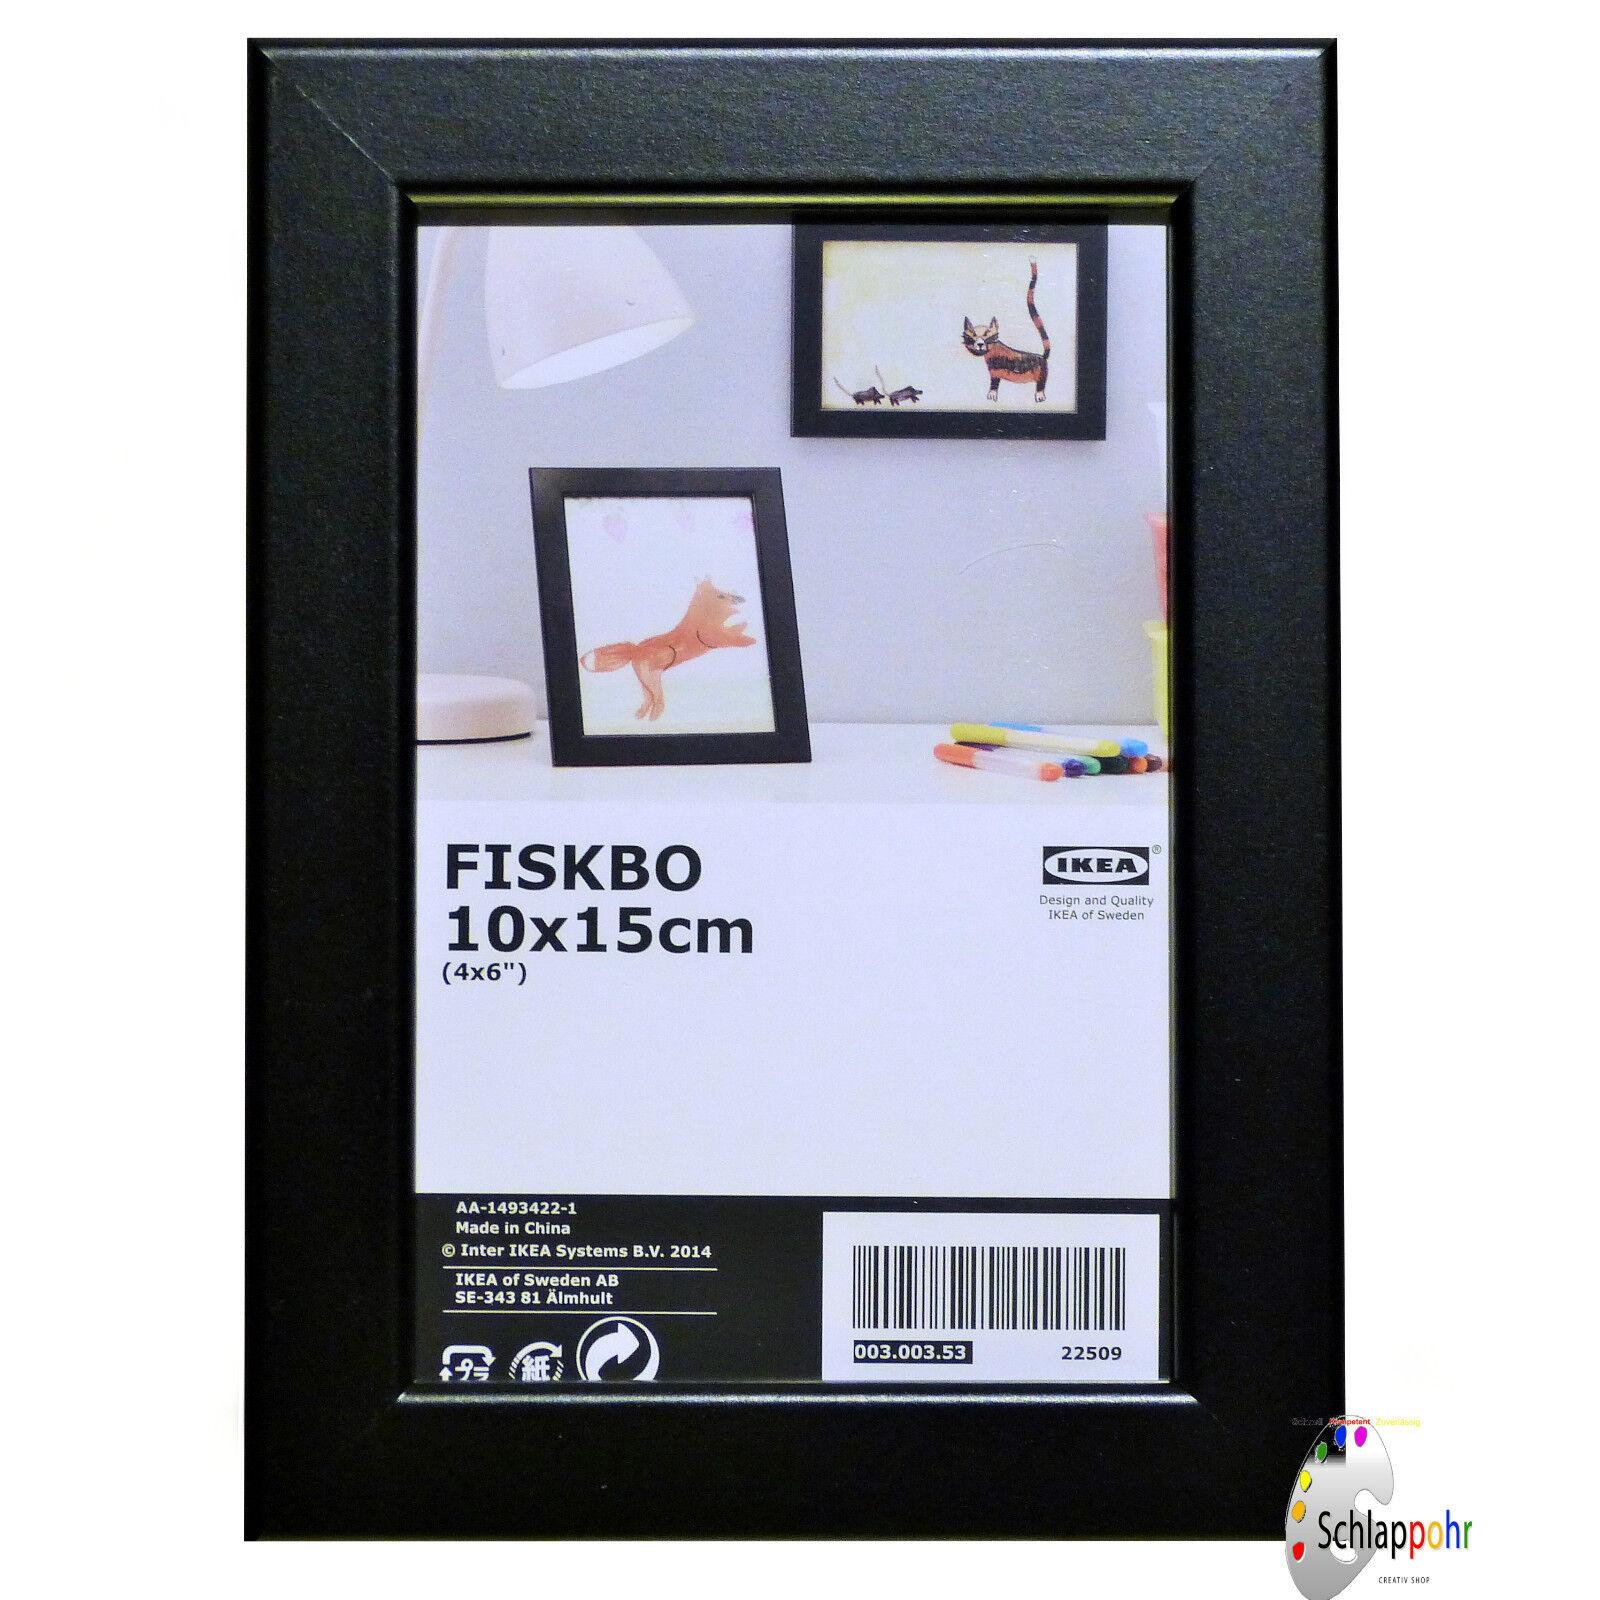 IKEA FISKBO Rahmen In schwarz (10x15cm) Bilderrahmen Fotorahmen | eBay